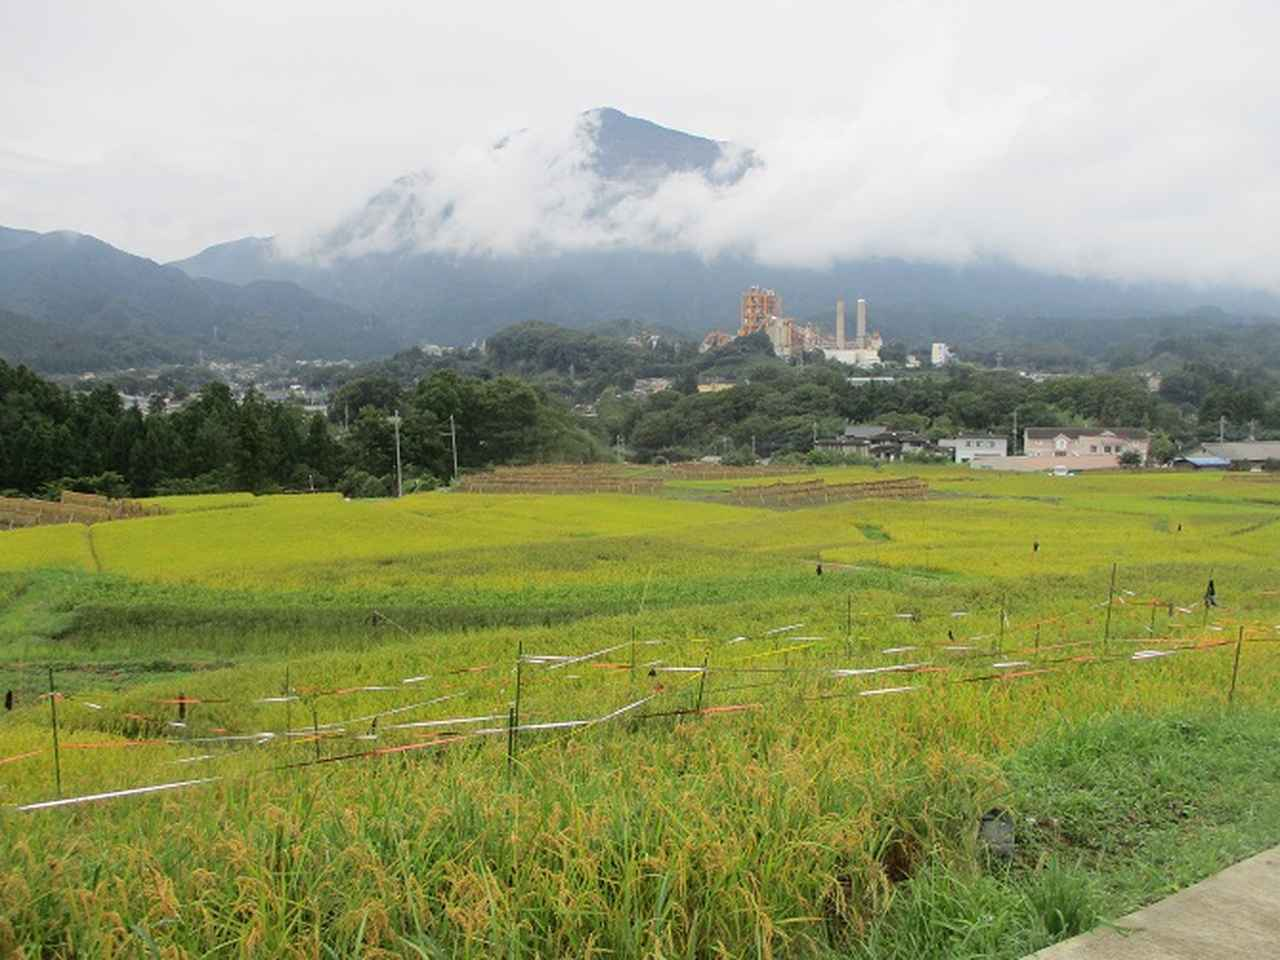 画像1: 山旅会ツアー11月までの催行状況 のご案内です!